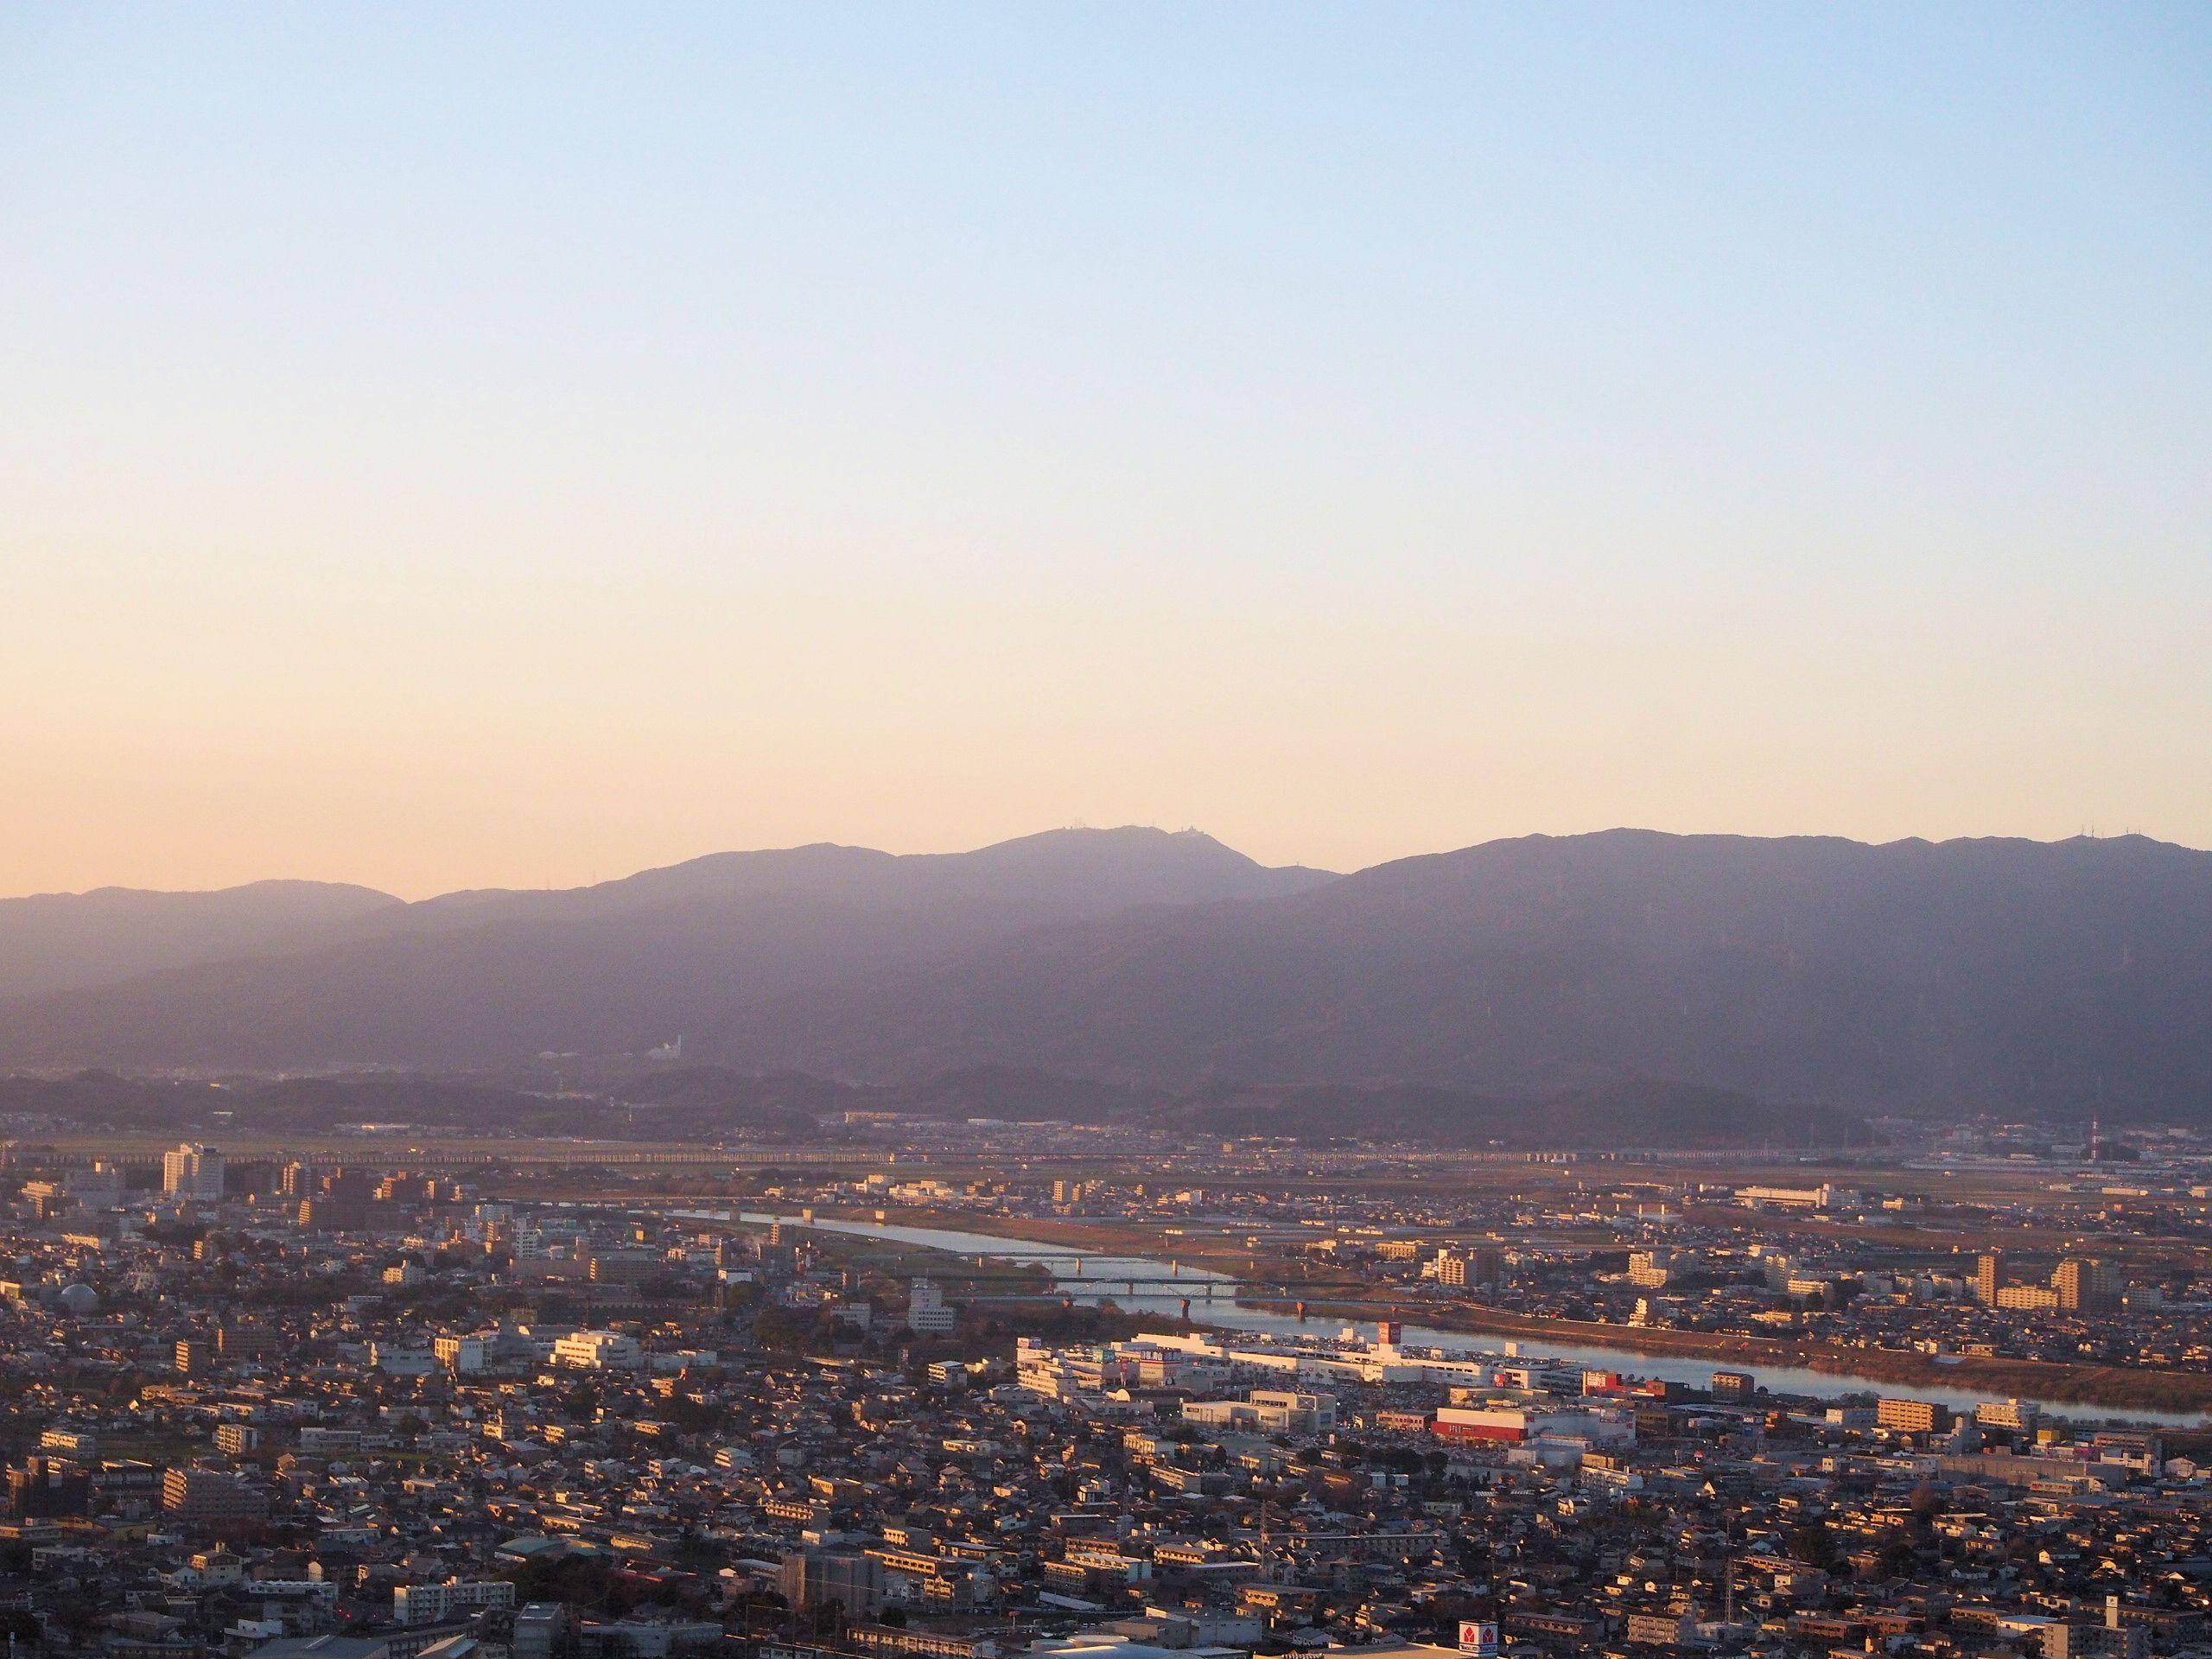 久留米市全景。